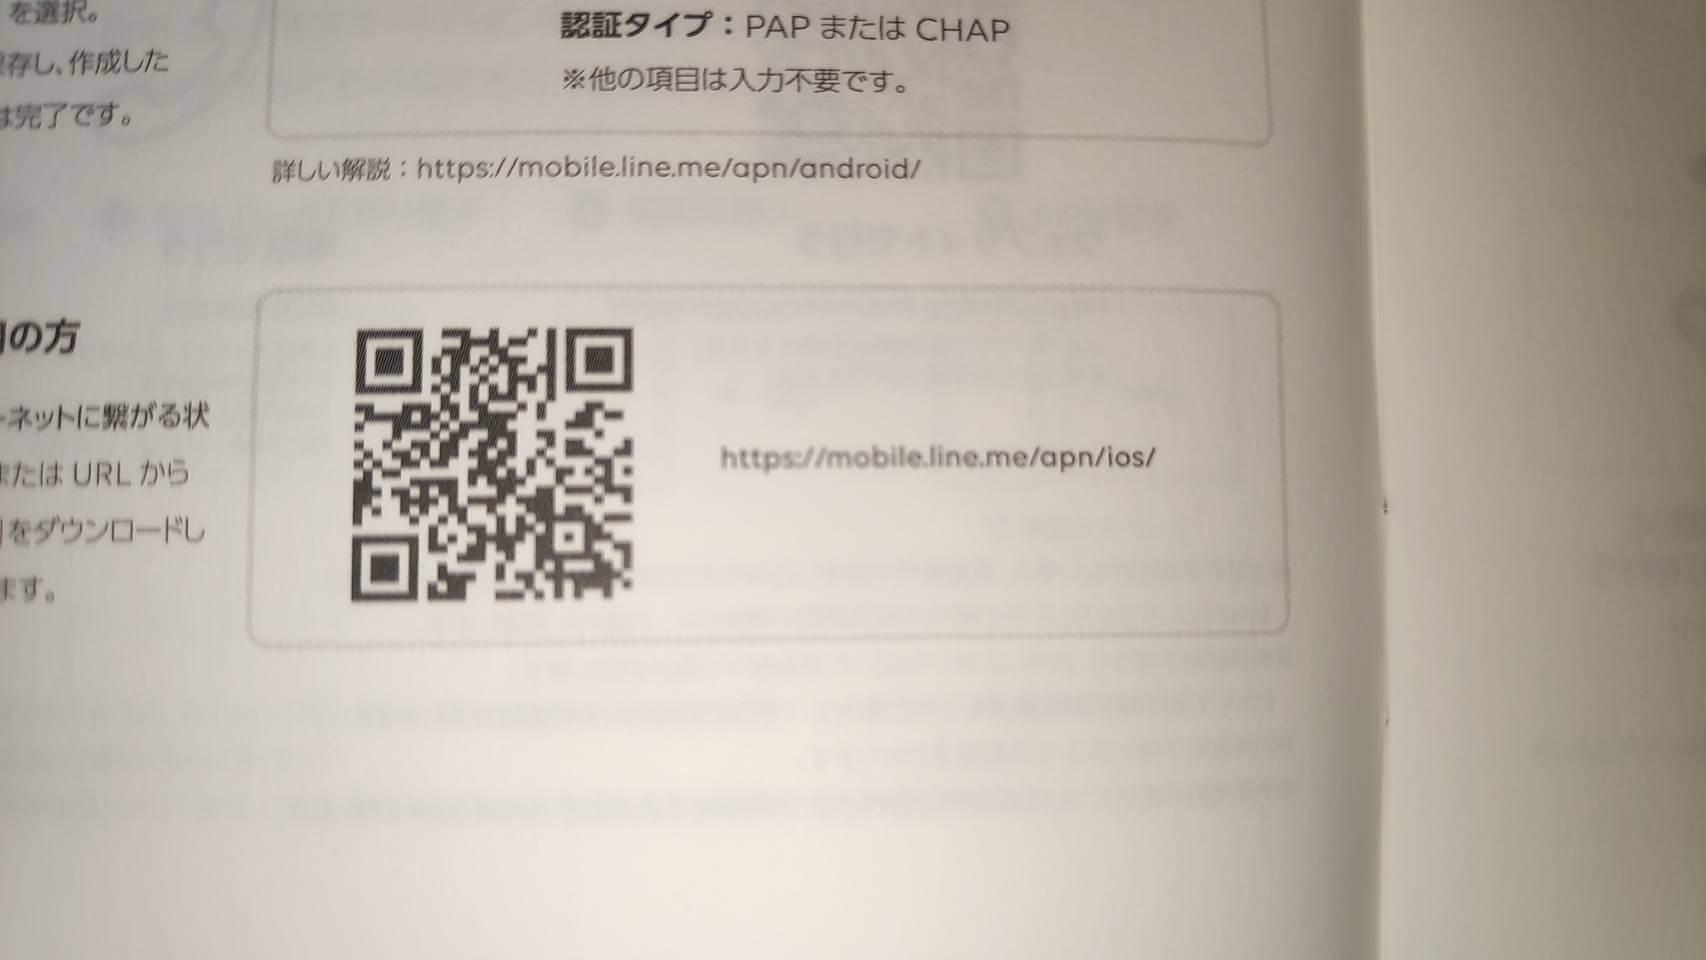 lineモバイルのAPN構成プロファイルのQRコード